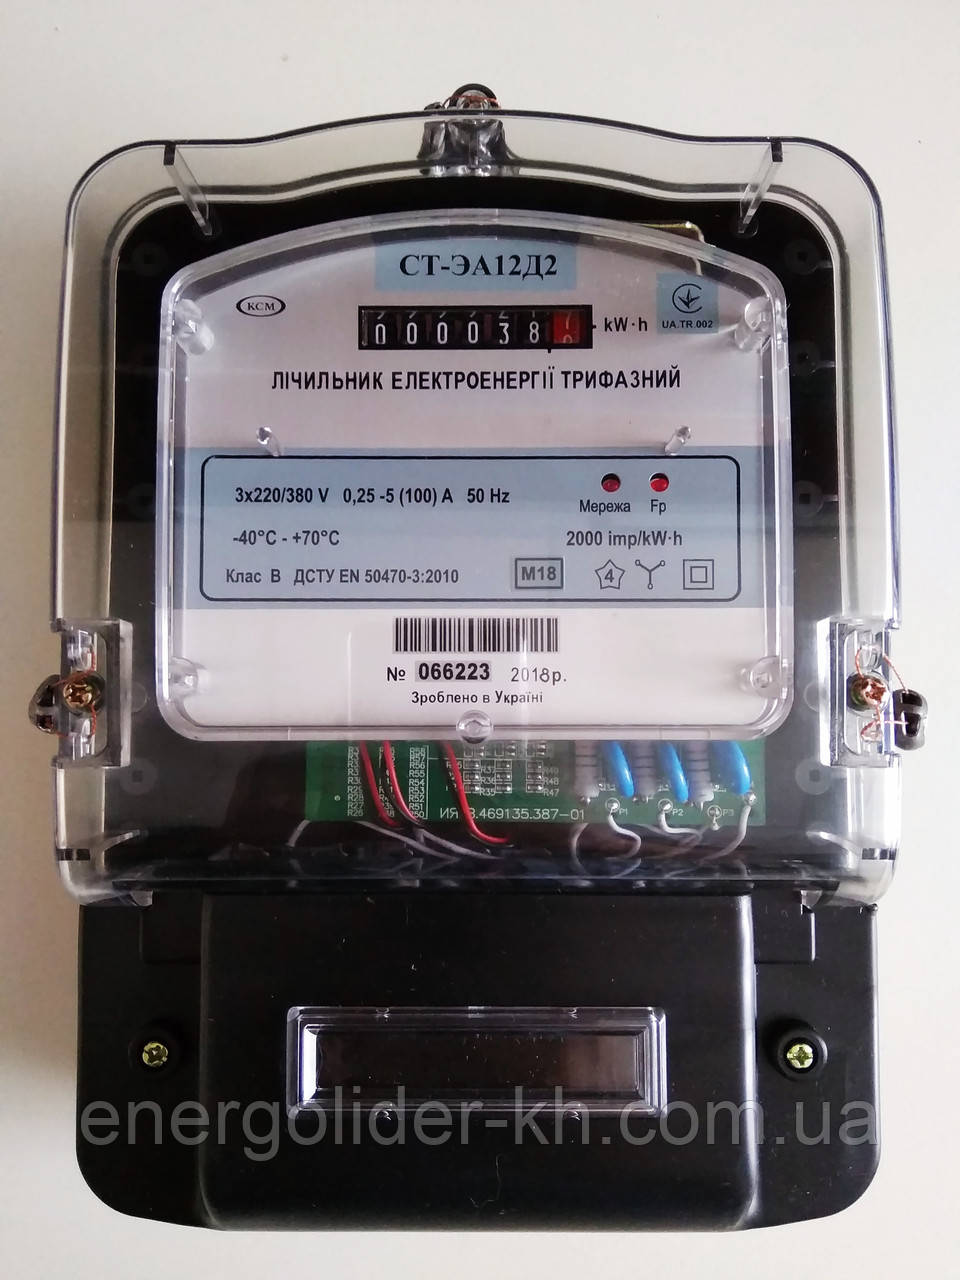 Трехфазный счетчик электрической энергии СТ-ЭА12Д2 3х220/380В 5(100)А Коммунар